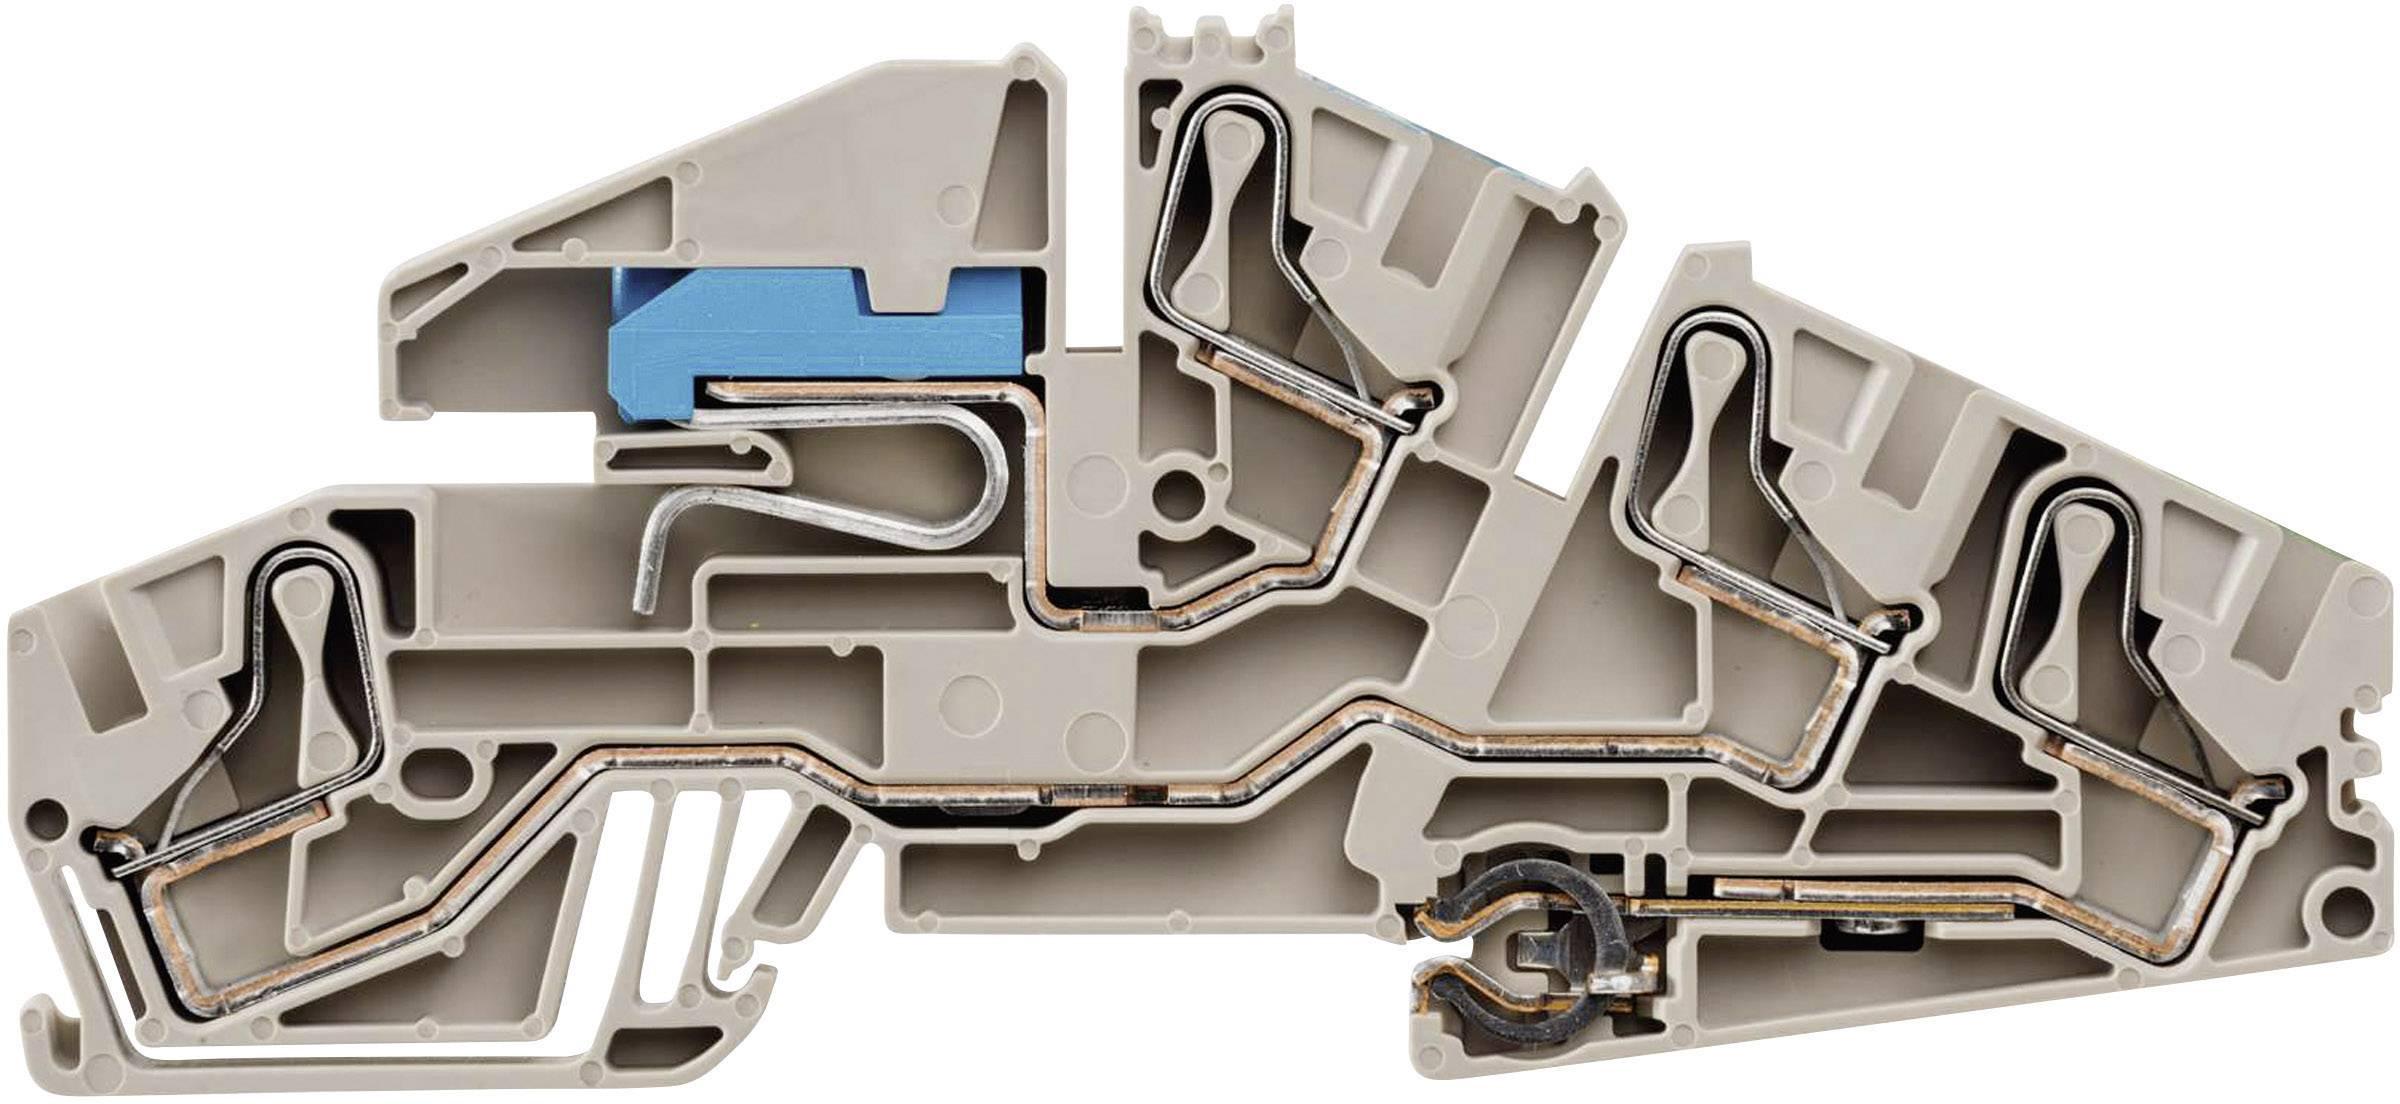 Řadová instal. svorka Weidmüller PDL 6S N/L/PE (1411340000), rychlé připojení, béžová